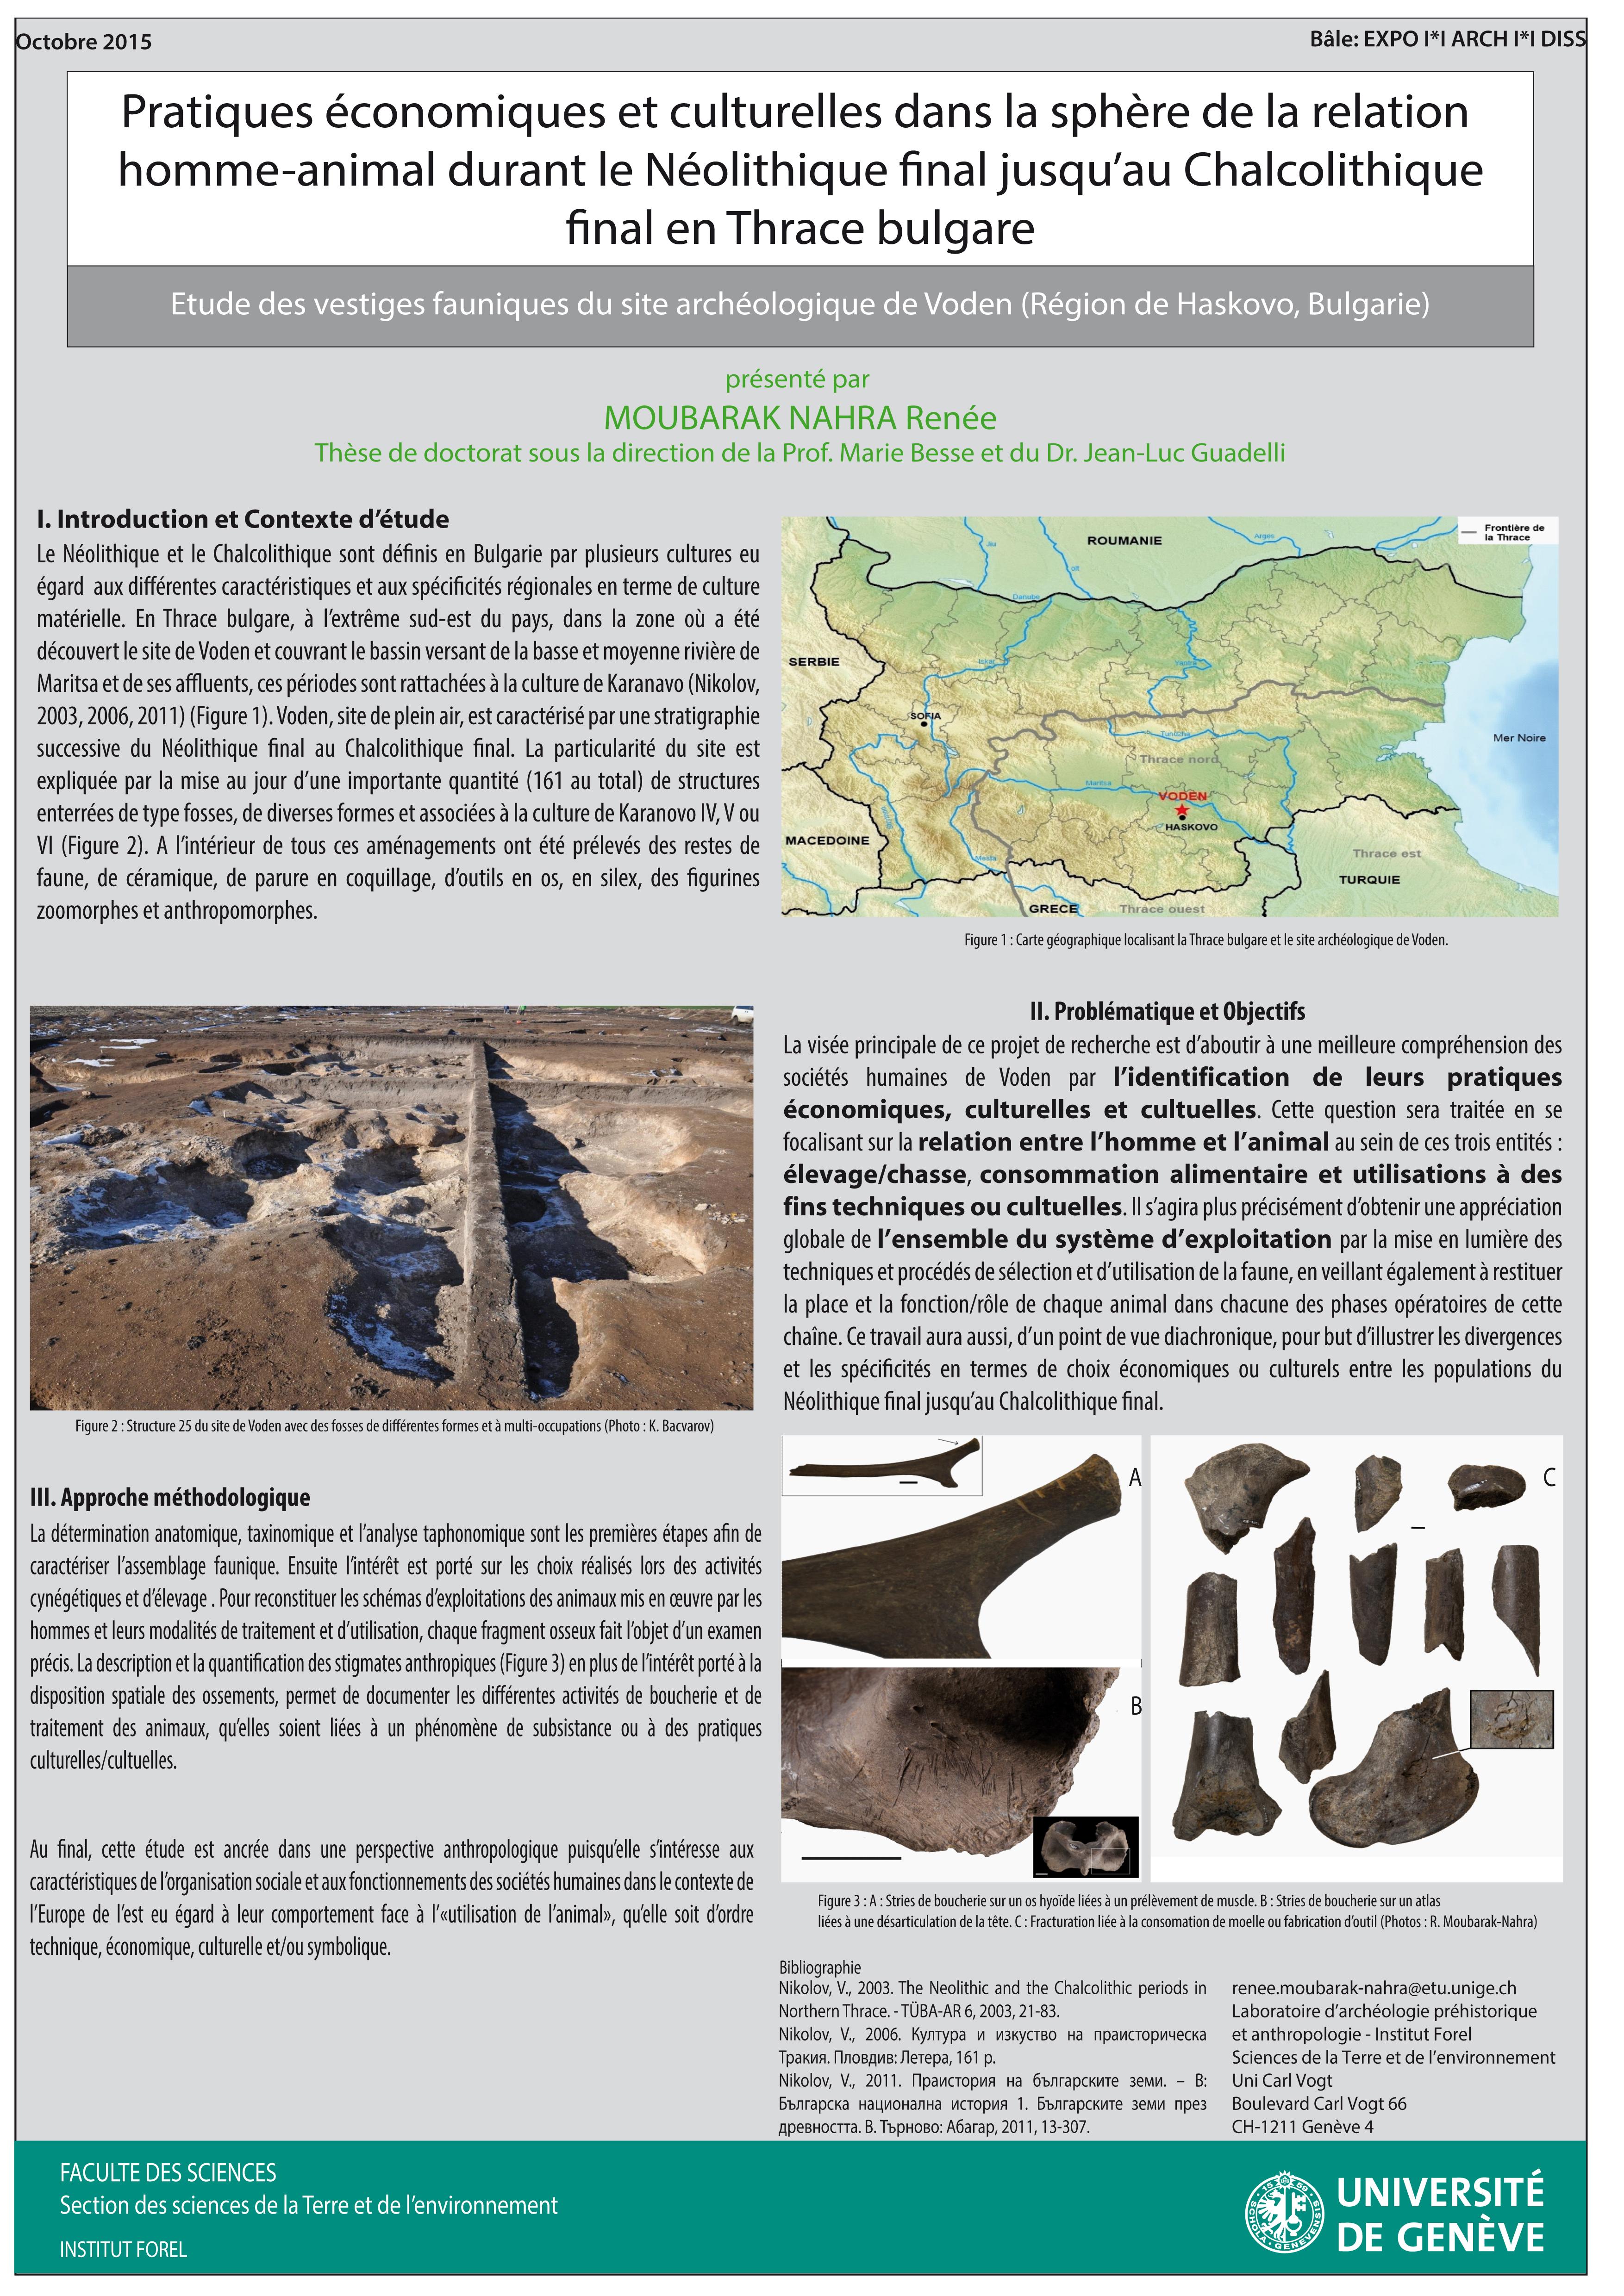 Renée MOUBARAK NAHRA: Pratiques économiques et culturelles dans la sphère de la relation homme-animal durant le Néolithique final jusqu'au Chalcolithique final en Thrace bulgare.